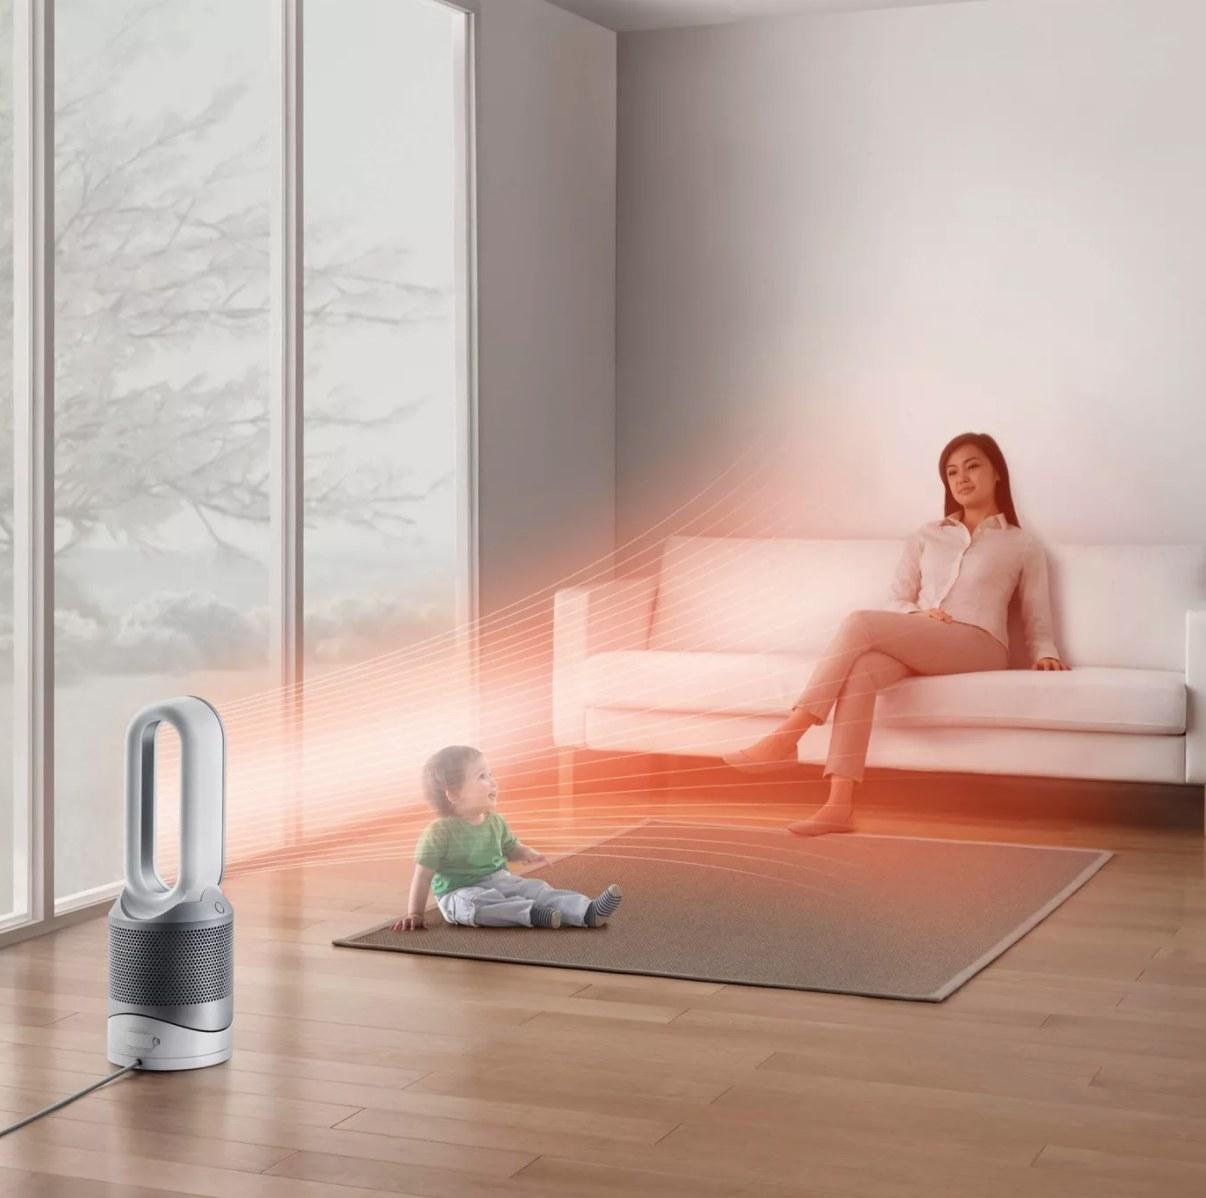 The air purifier